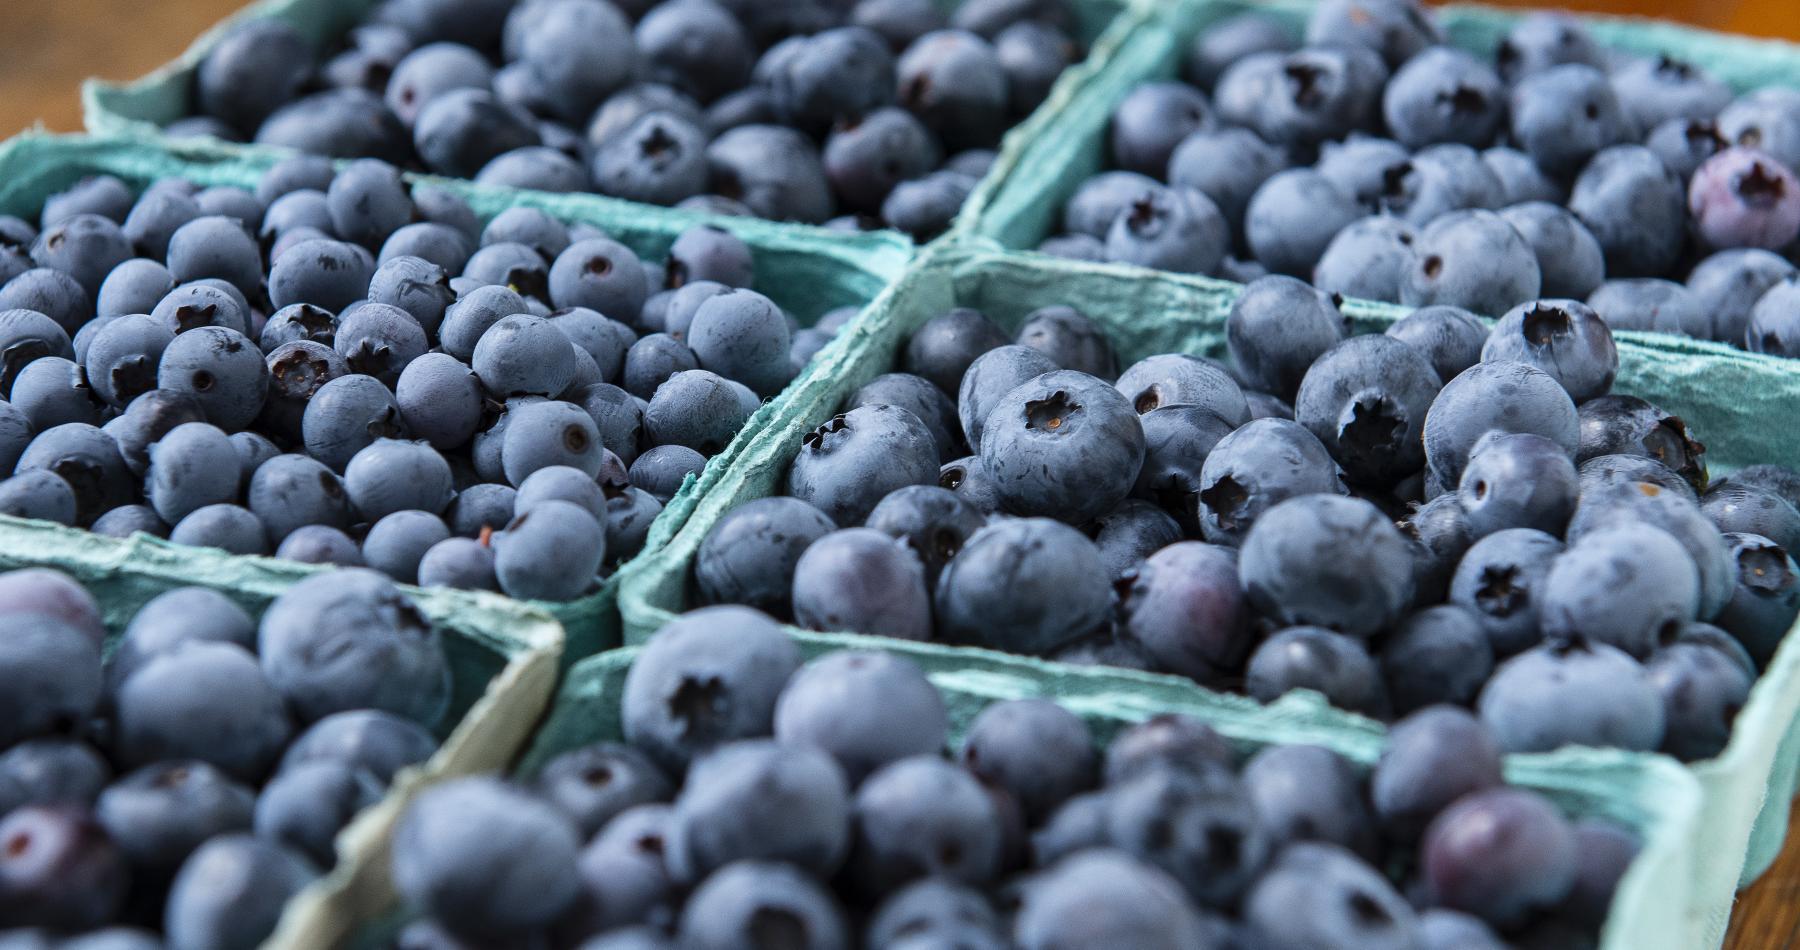 Massachusetts blueberries